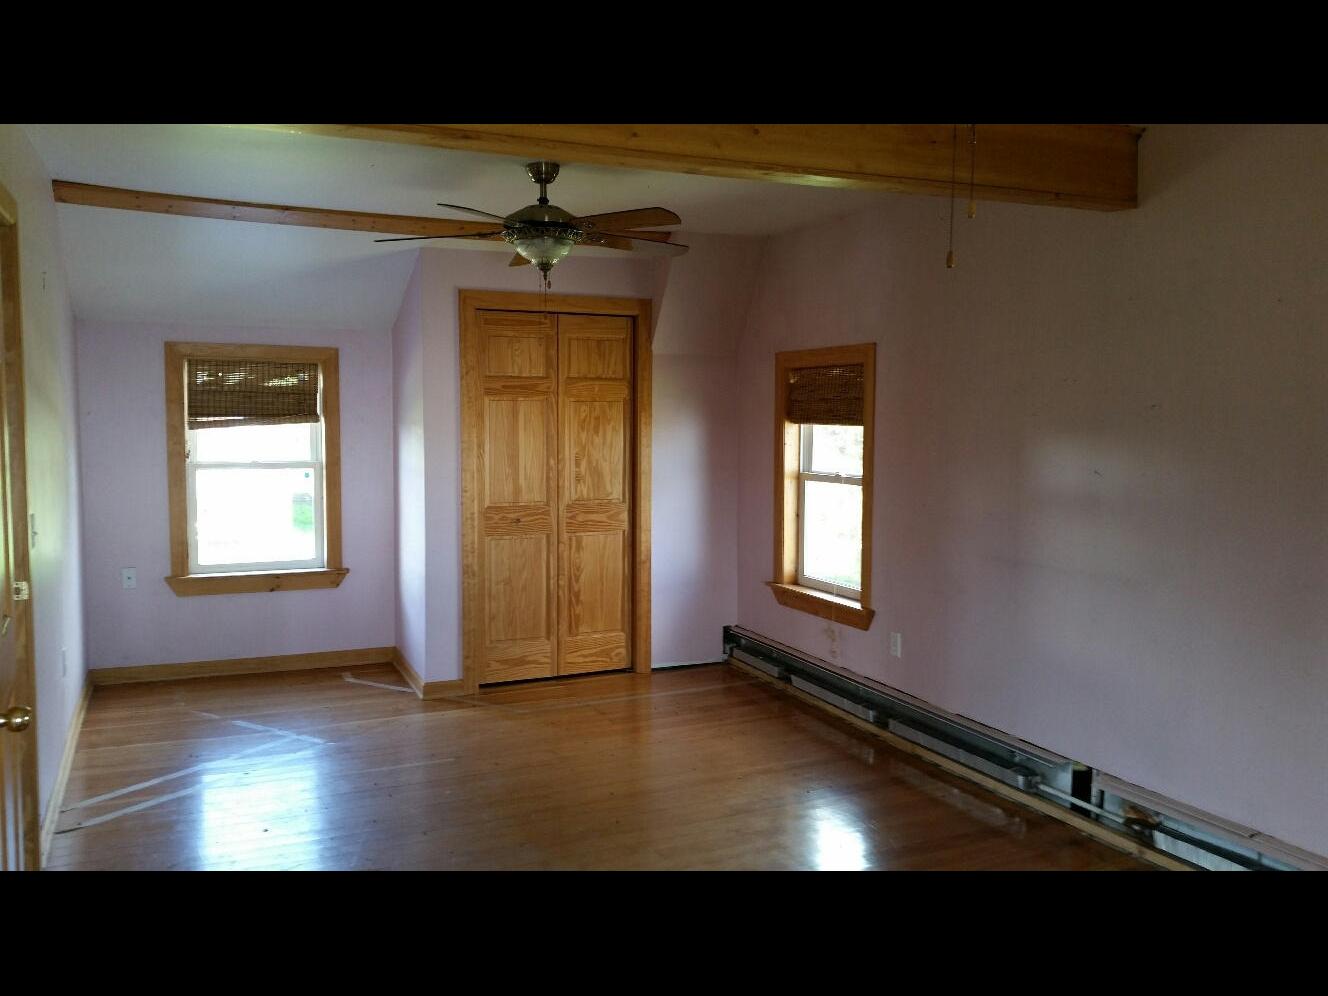 Hannon master bedroom